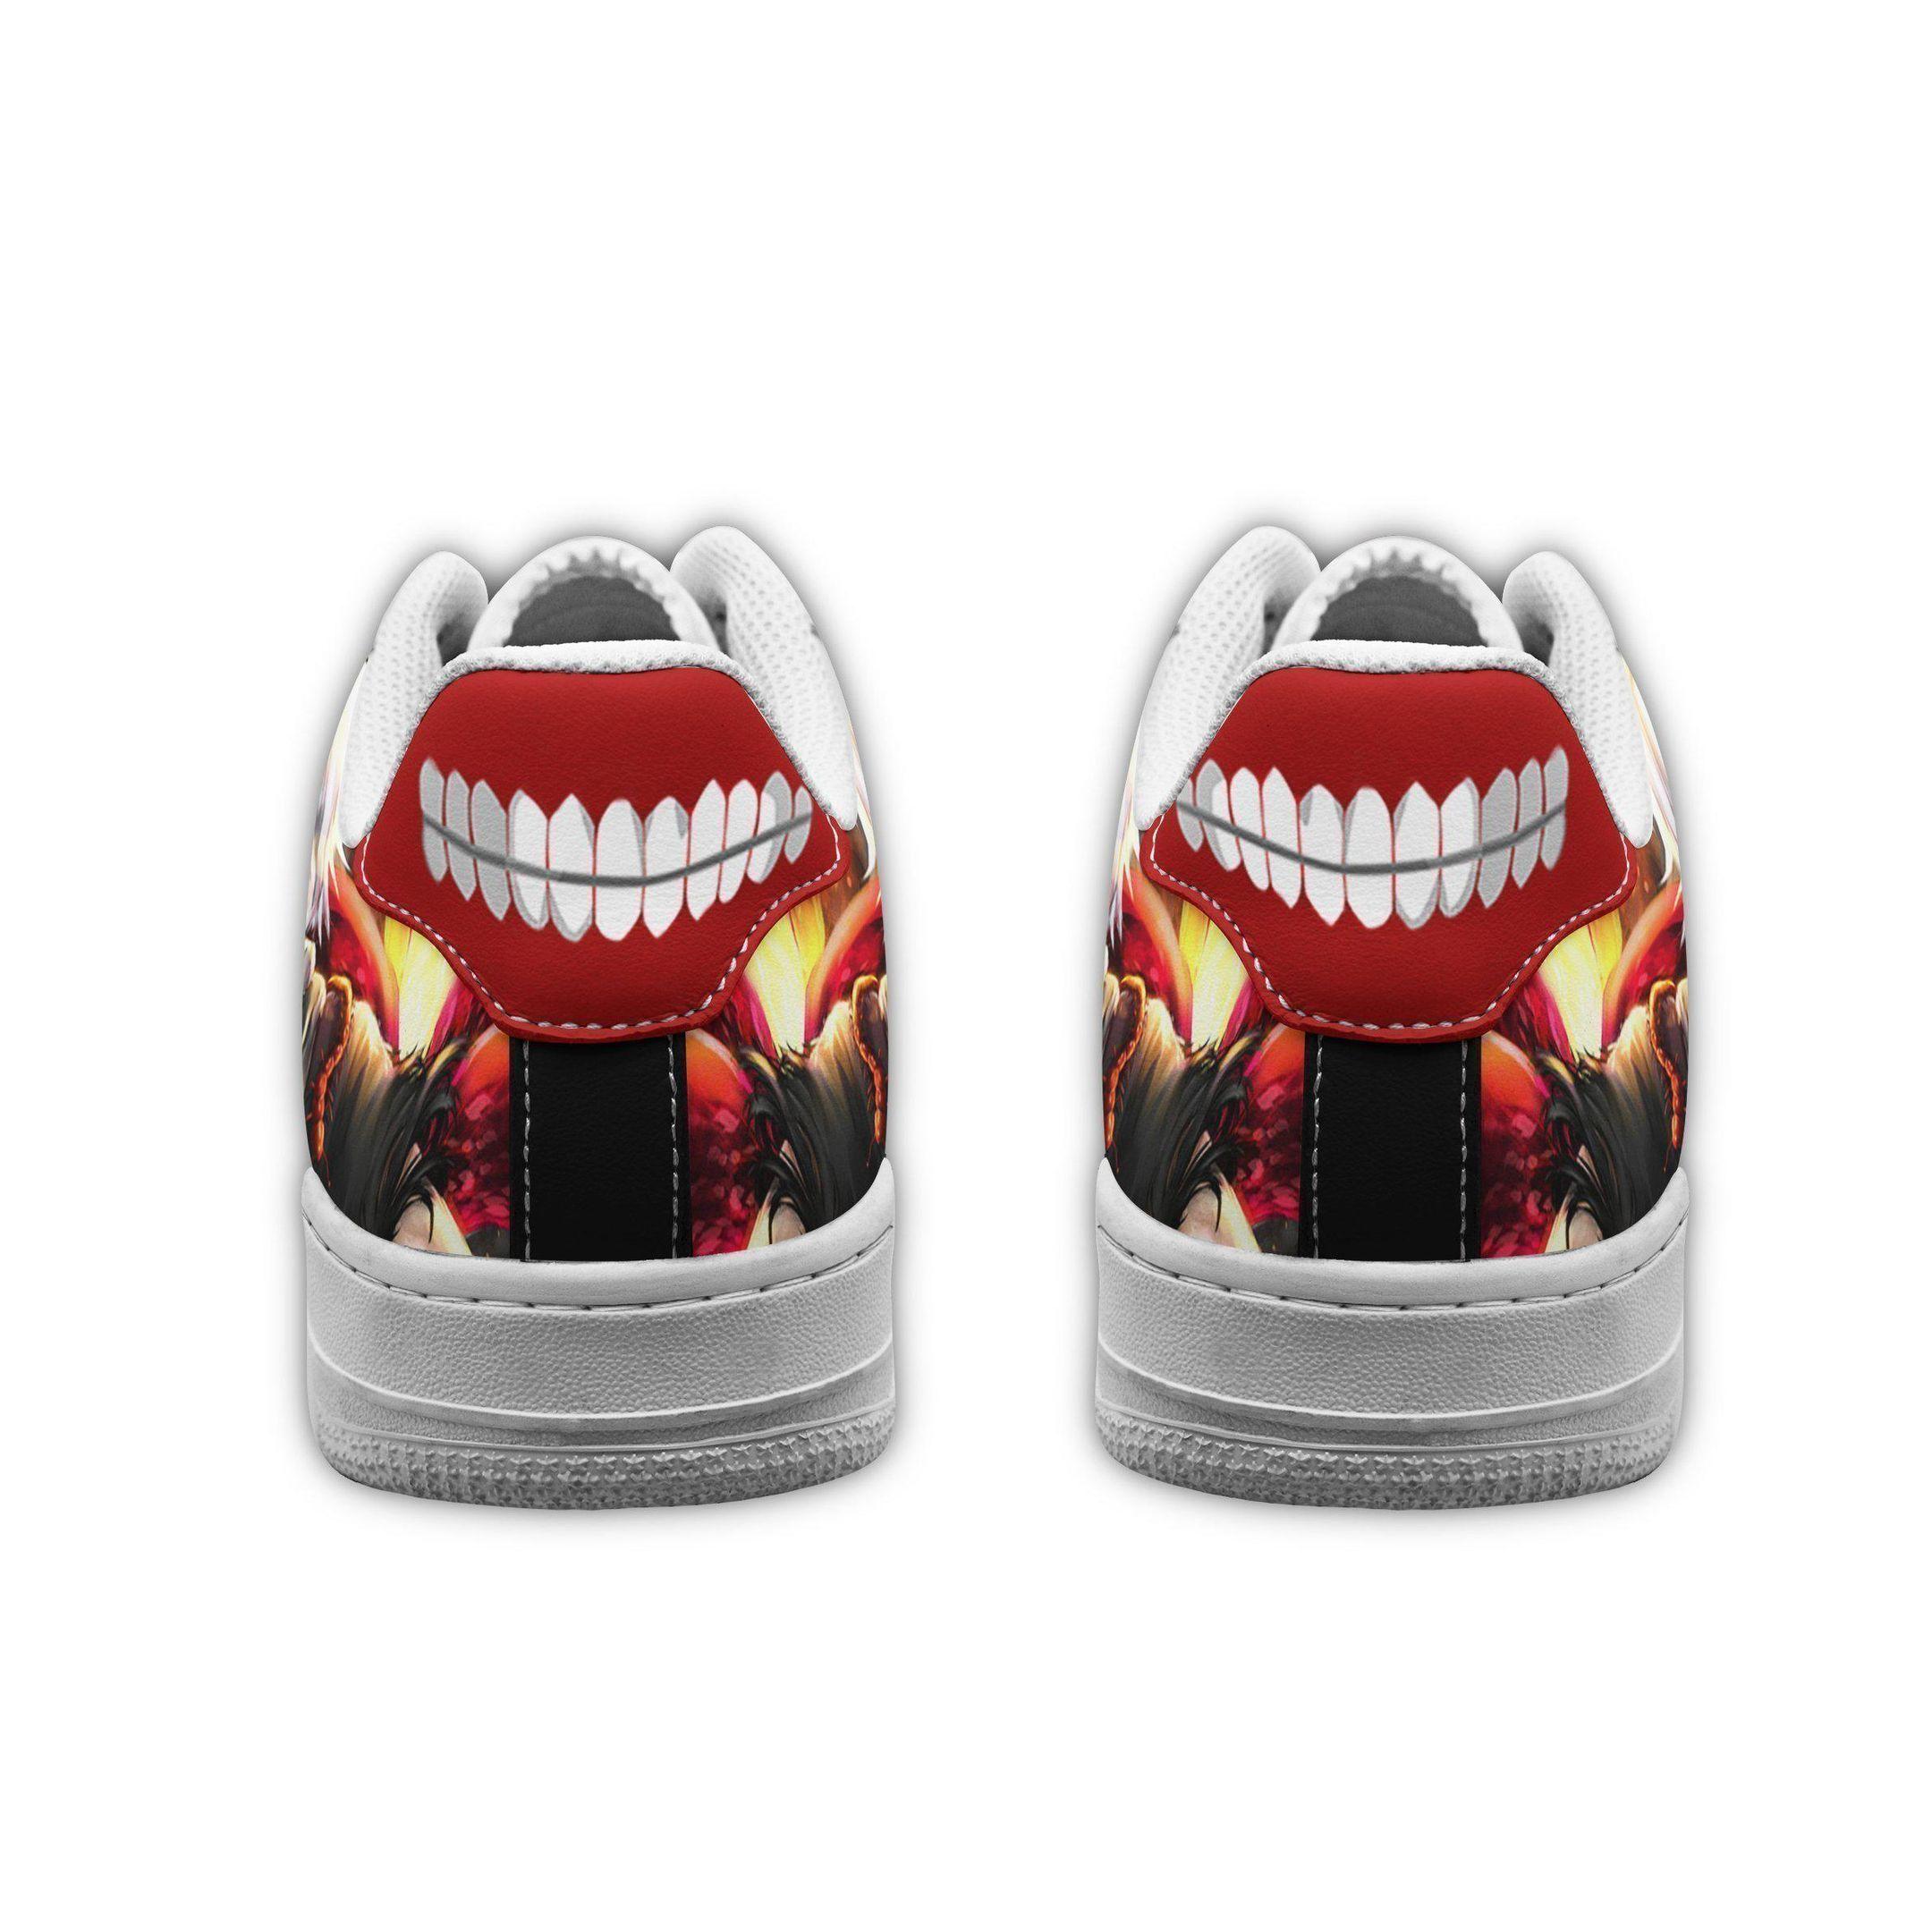 Ken Kaneki Air Shoes Tokyo Ghoul Anime Shoes Fan Gift GO1012